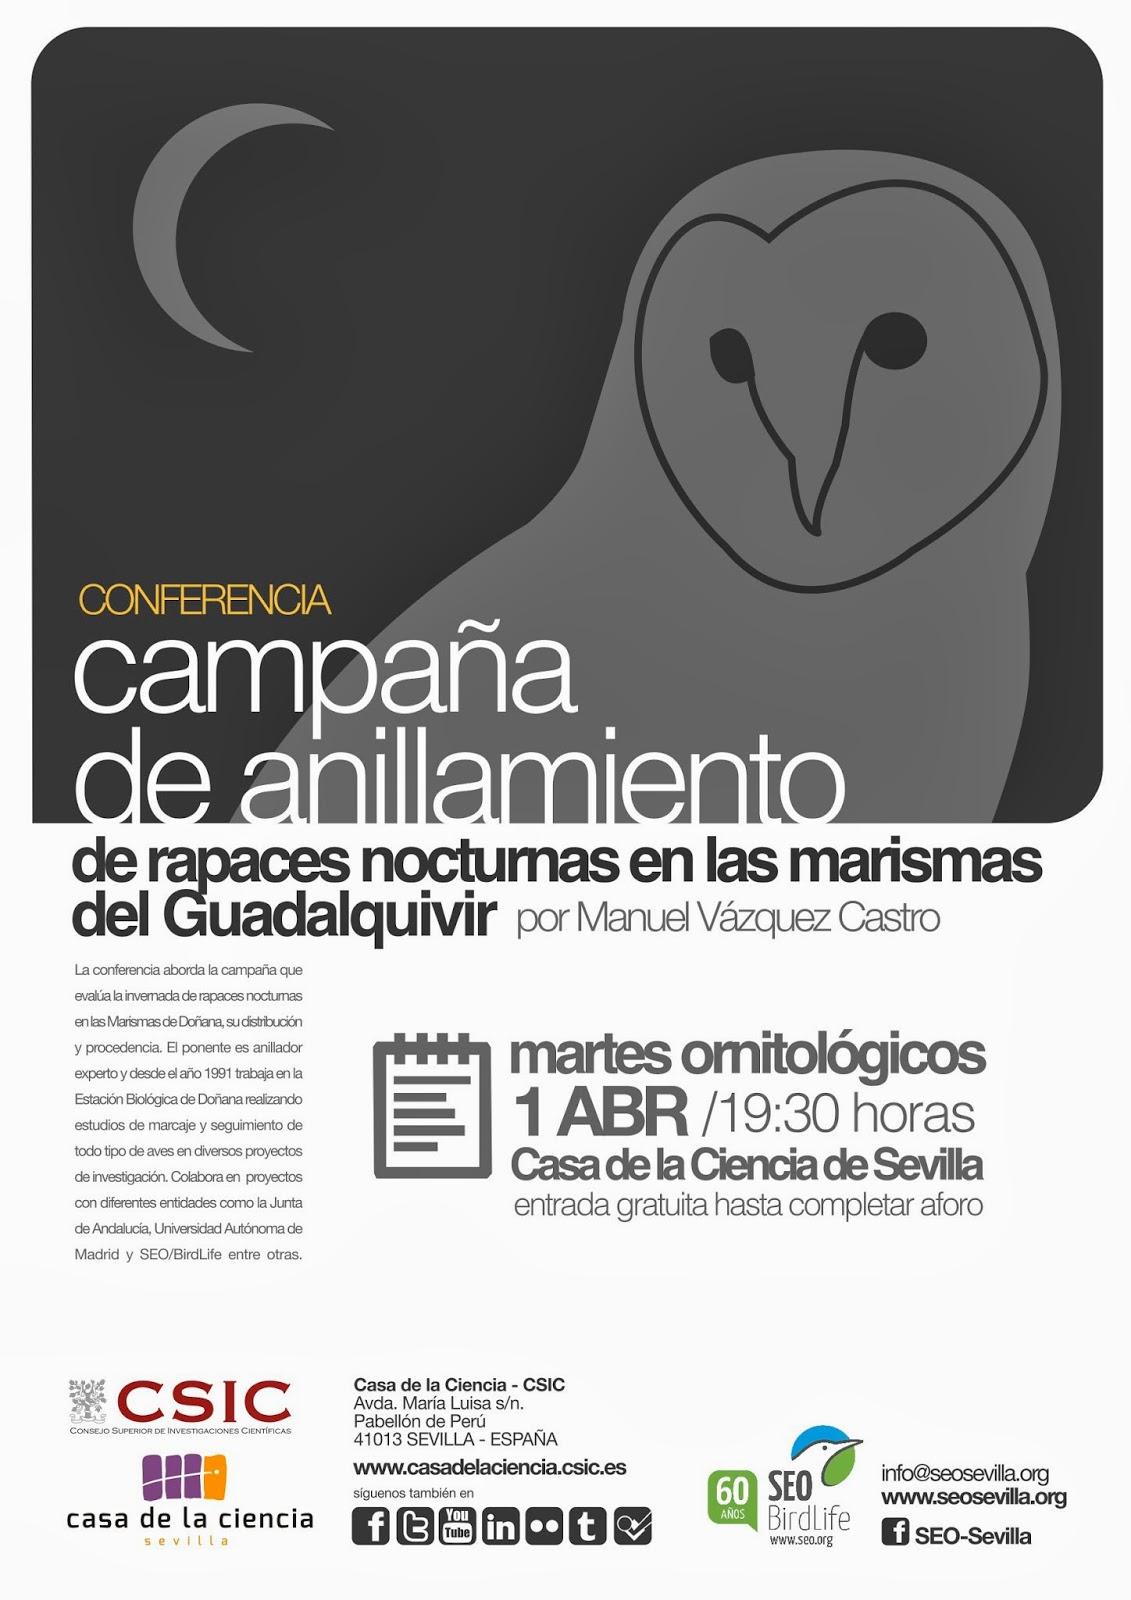 """Conferencia ornitológica organizada por el Grupo Local SEO-Sevilla de SEO/BirdLife en el museo Casa de la Ciencia de Sevilla. """"Campaña de anillamiento de rapaces nocturnas en las marismas del Guadalquivir"""". Por Manuel Vázquez Castro"""